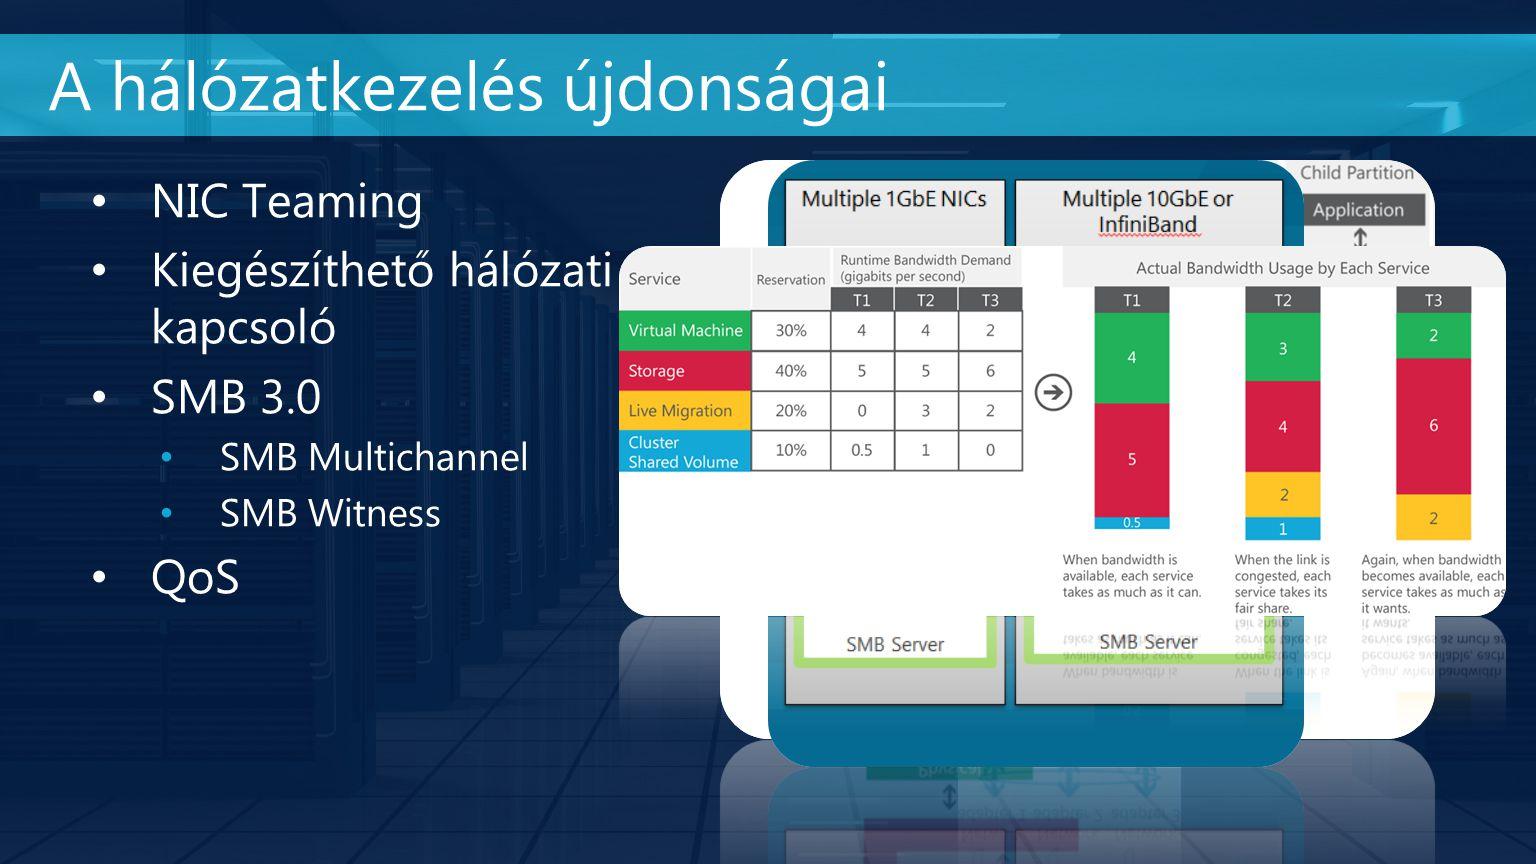 NIC Teaming Kiegészíthető hálózati kapcsoló SMB 3.0 SMB Multichannel SMB Witness QoS A hálózatkezelés újdonságai